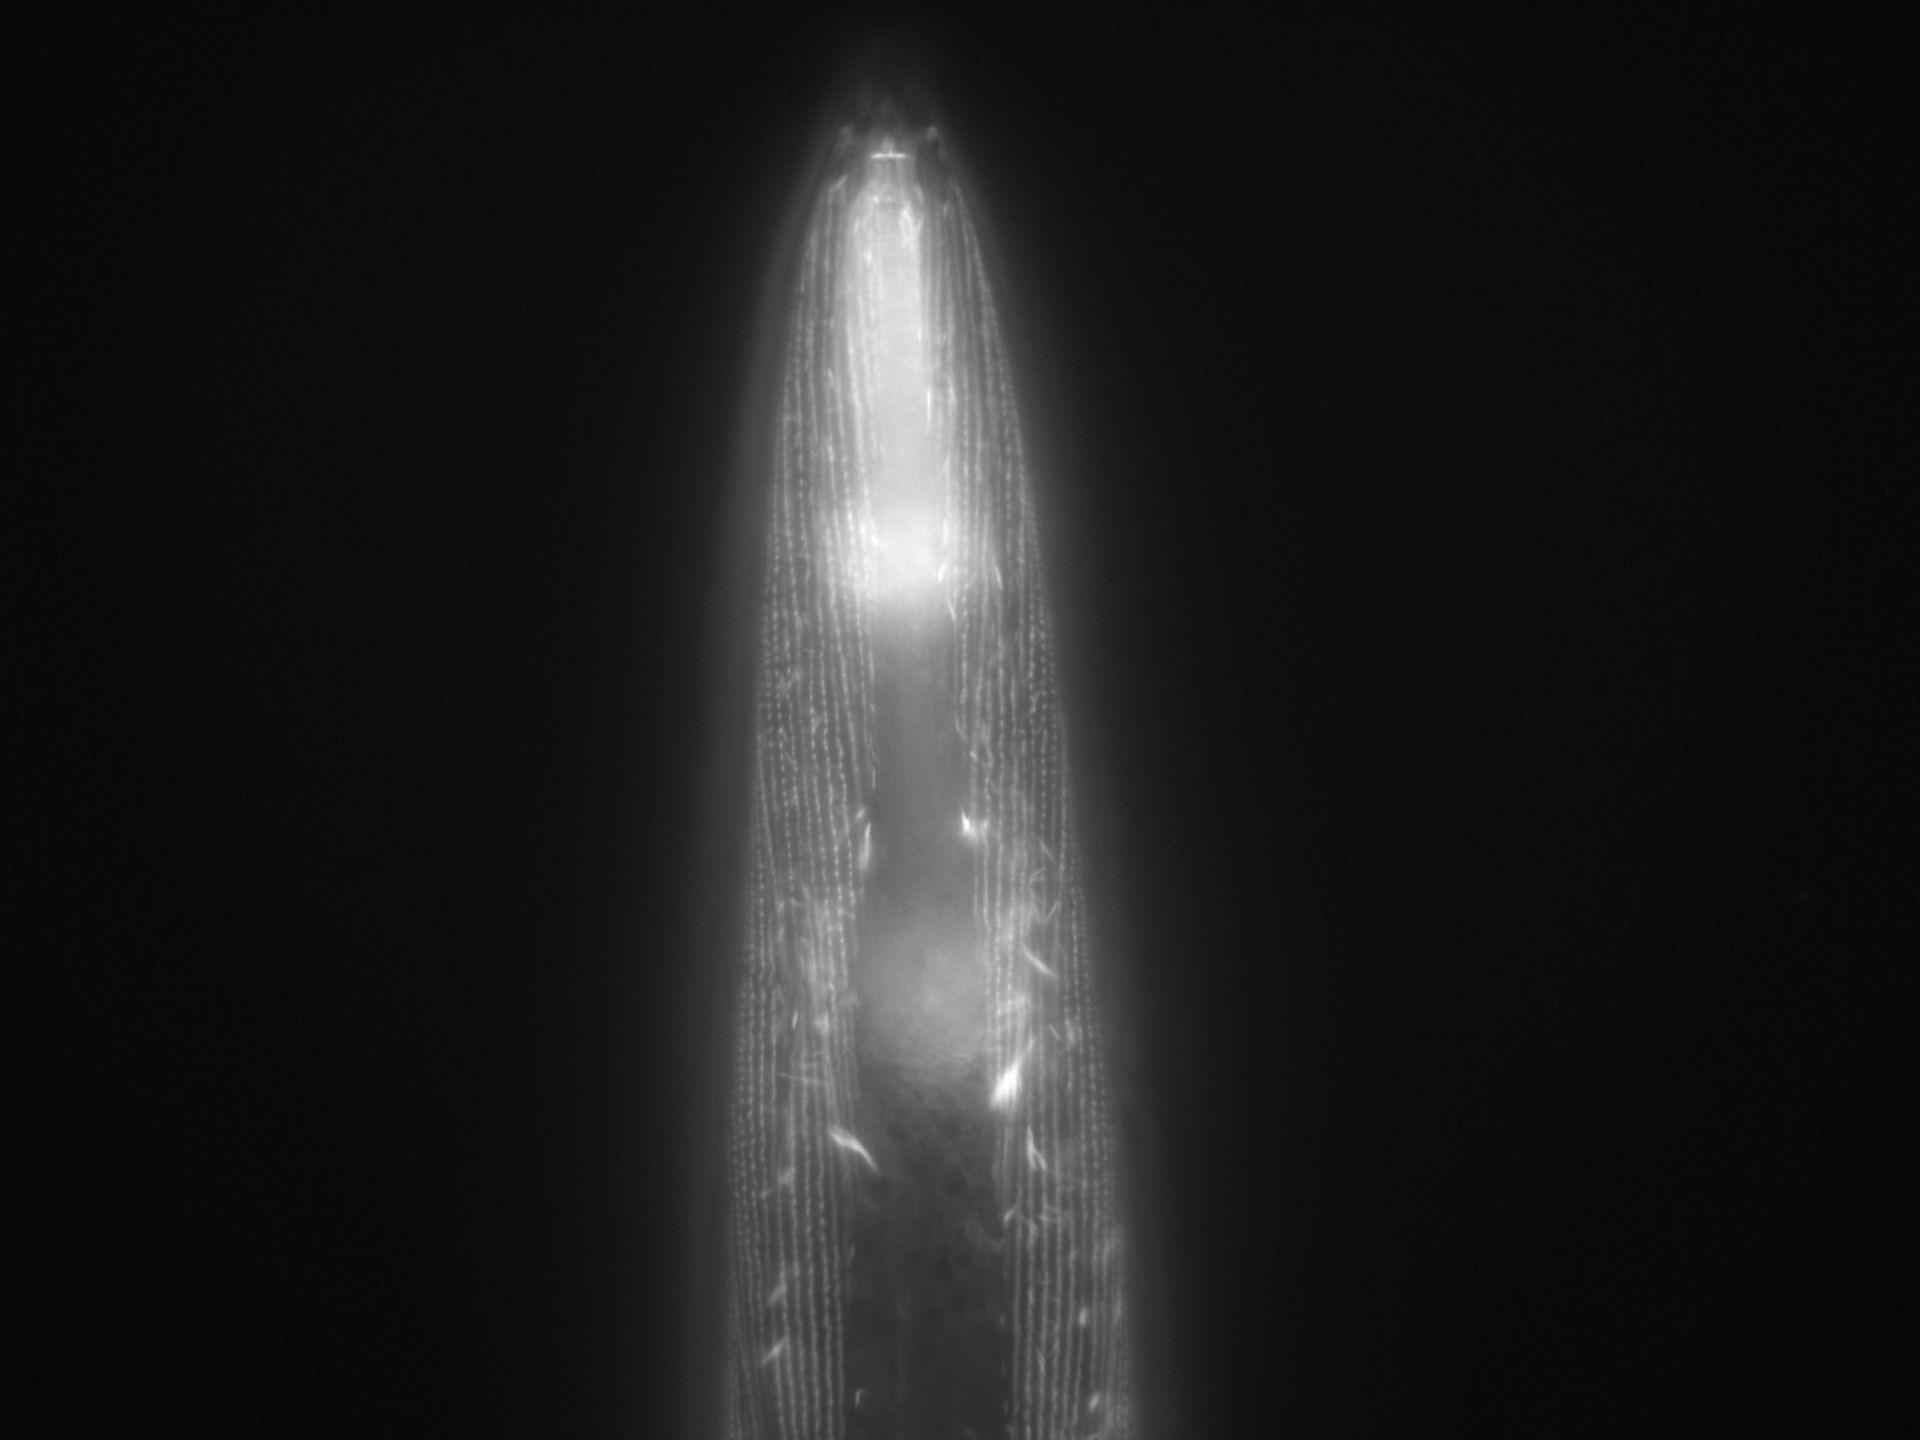 Caenorhabditis elegans (Actin filament) - CIL:1036